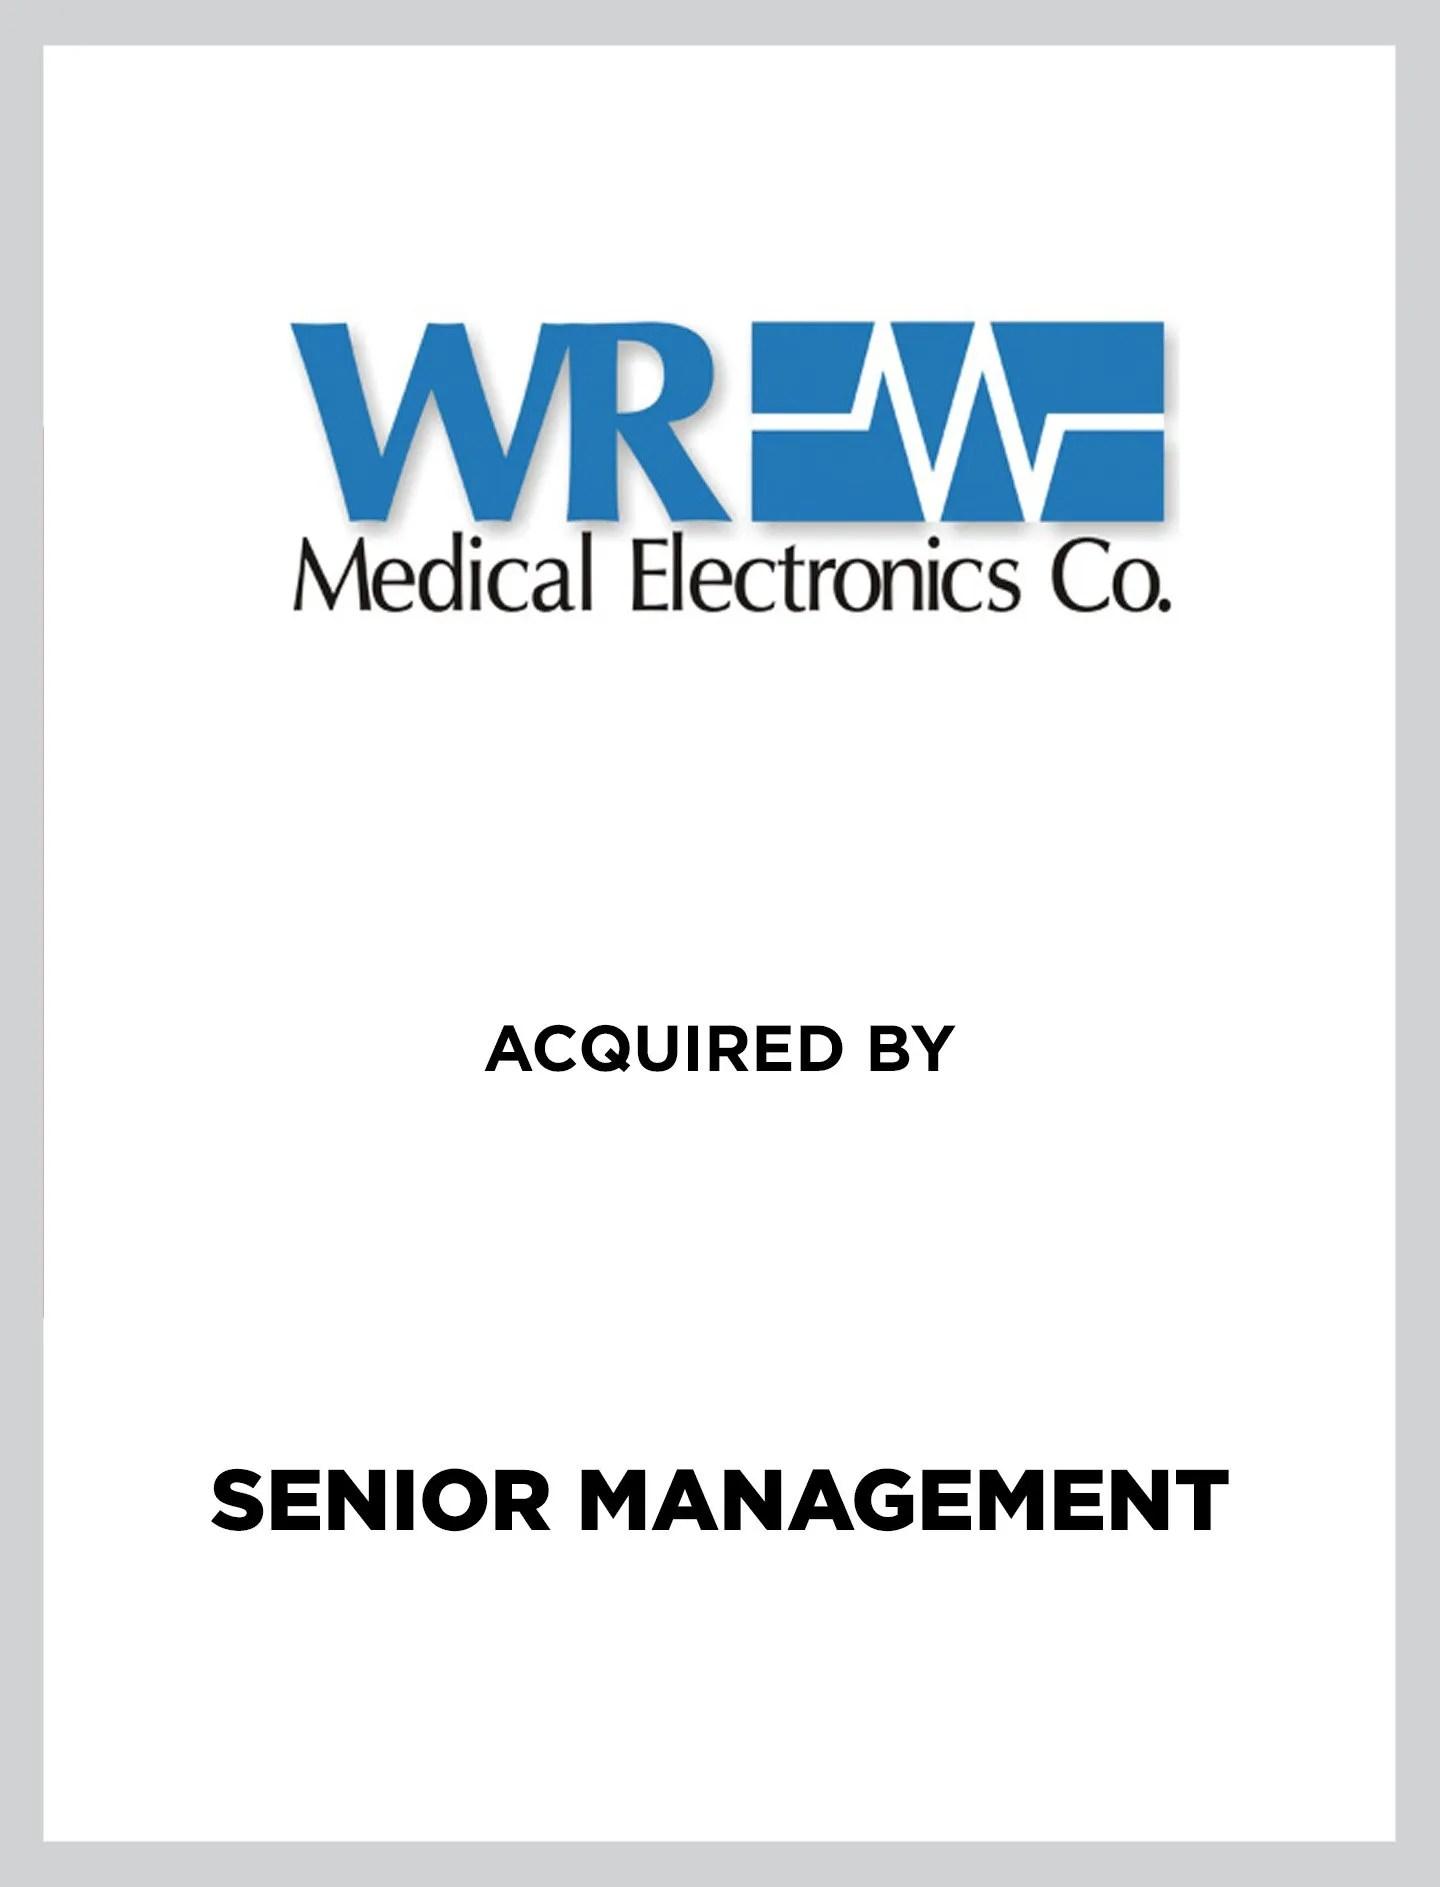 WR medical